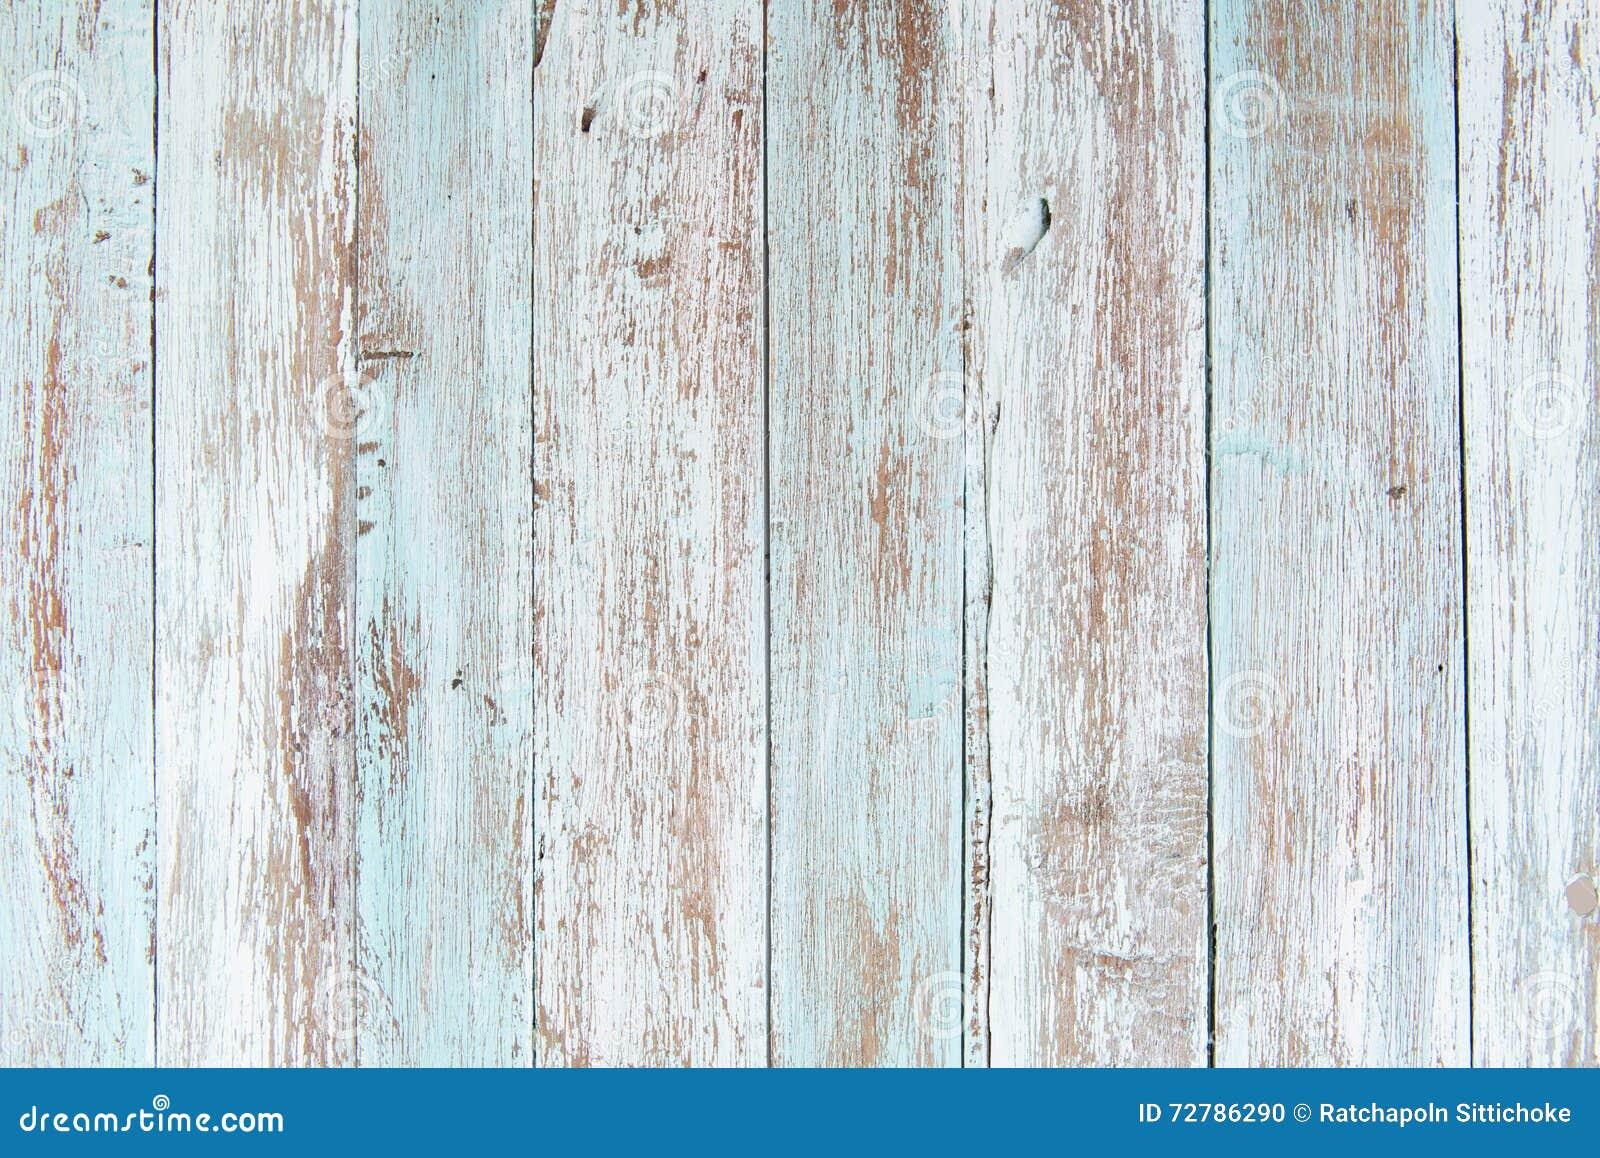 Texturas De Colores Pastel: Textura De Madera En Colores Pastel De Los Tablones Foto